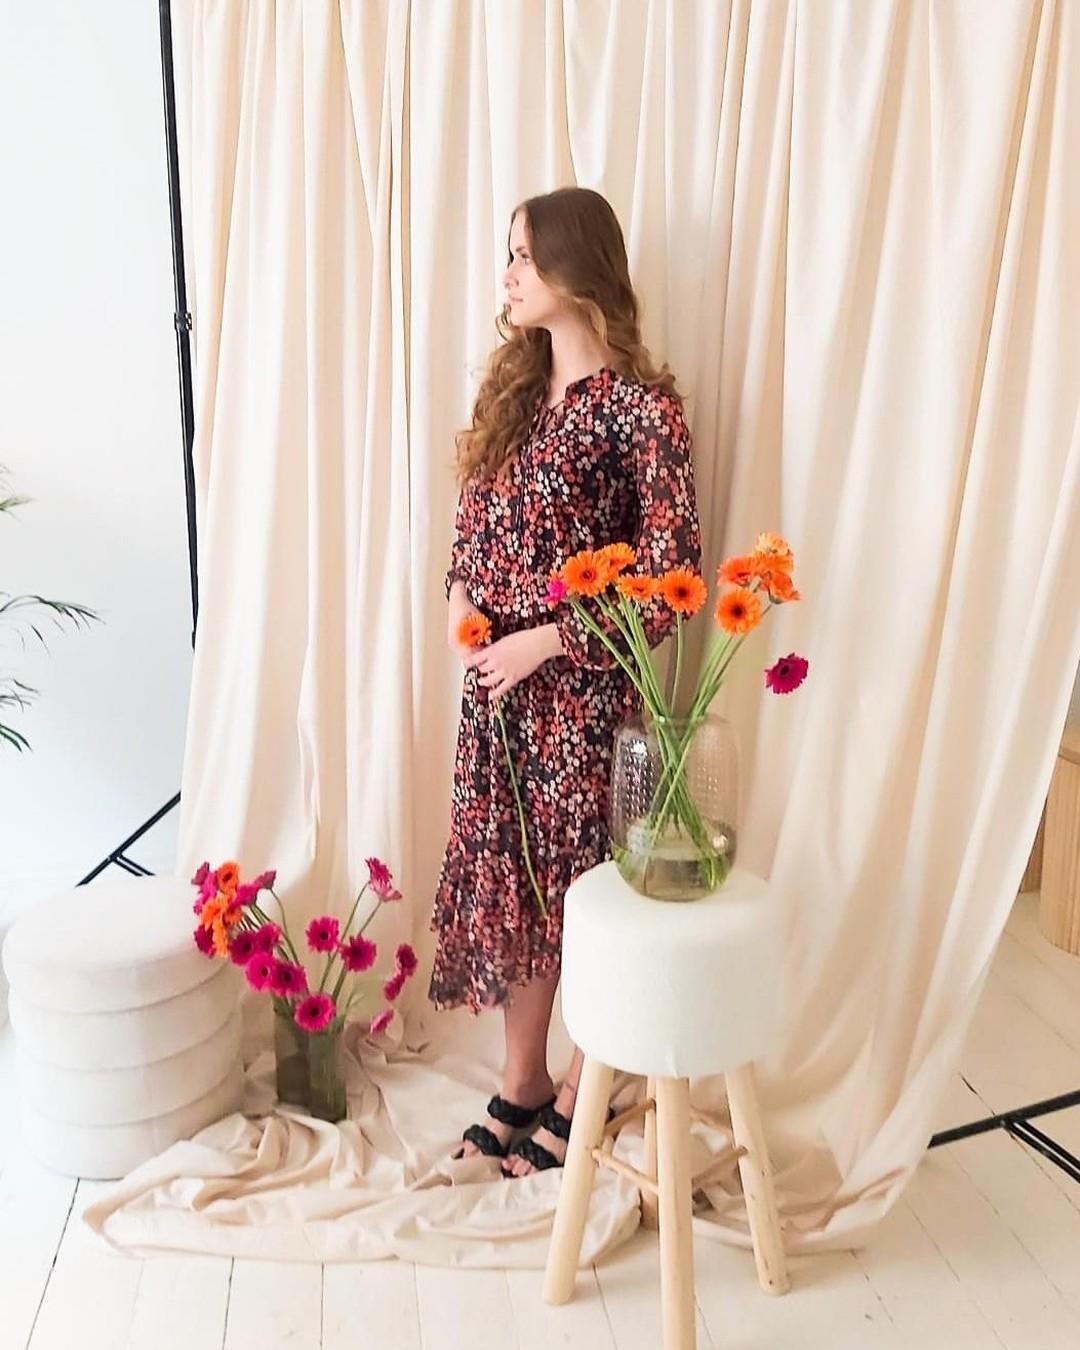 Wypatrując weekendu... #backstage #wiosna #wiosennestylizacje #wiosennakolekcja #sukienka #photosession #photoshoot #model #flowers #studio #photostudio #spring #springcollection #springmood #flowerdress #meshdress  @slaskakamienicastudio